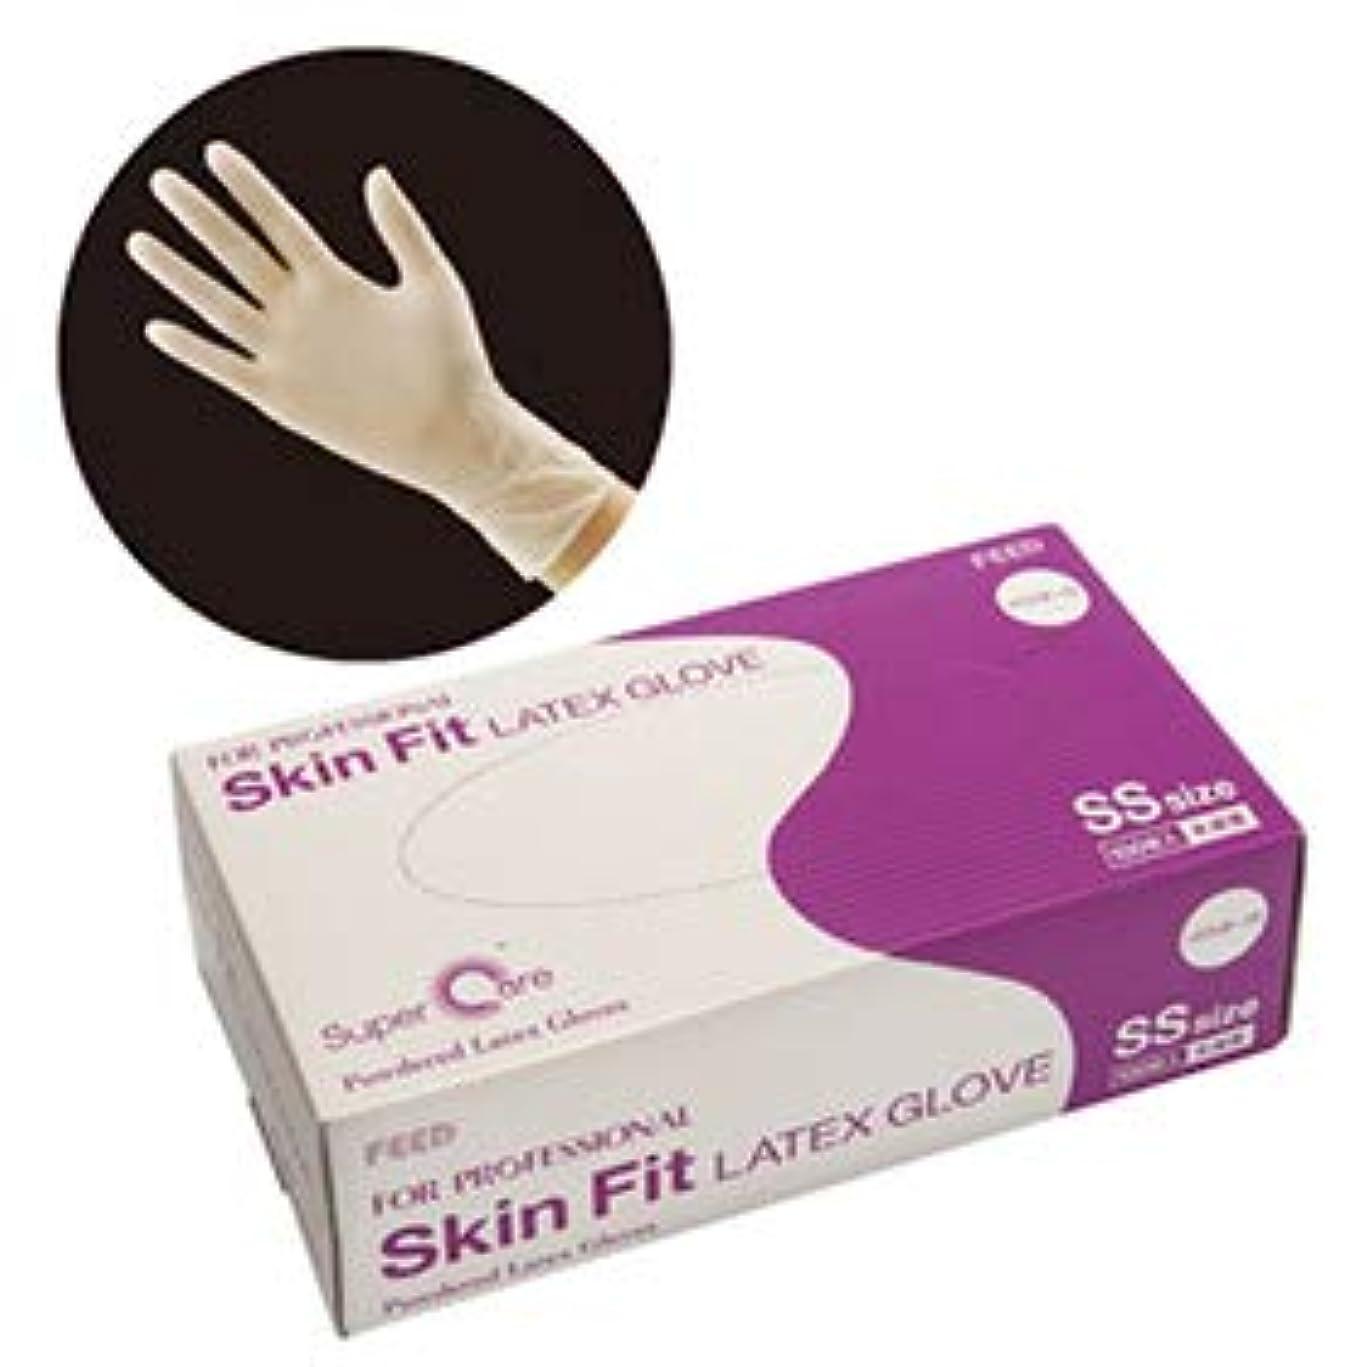 近代化する系譜昆虫を見るFEED(フィード) Skin Fit ラテックスグローブ パウダー付 SS カートン(100枚入×10ケース) (作業用)